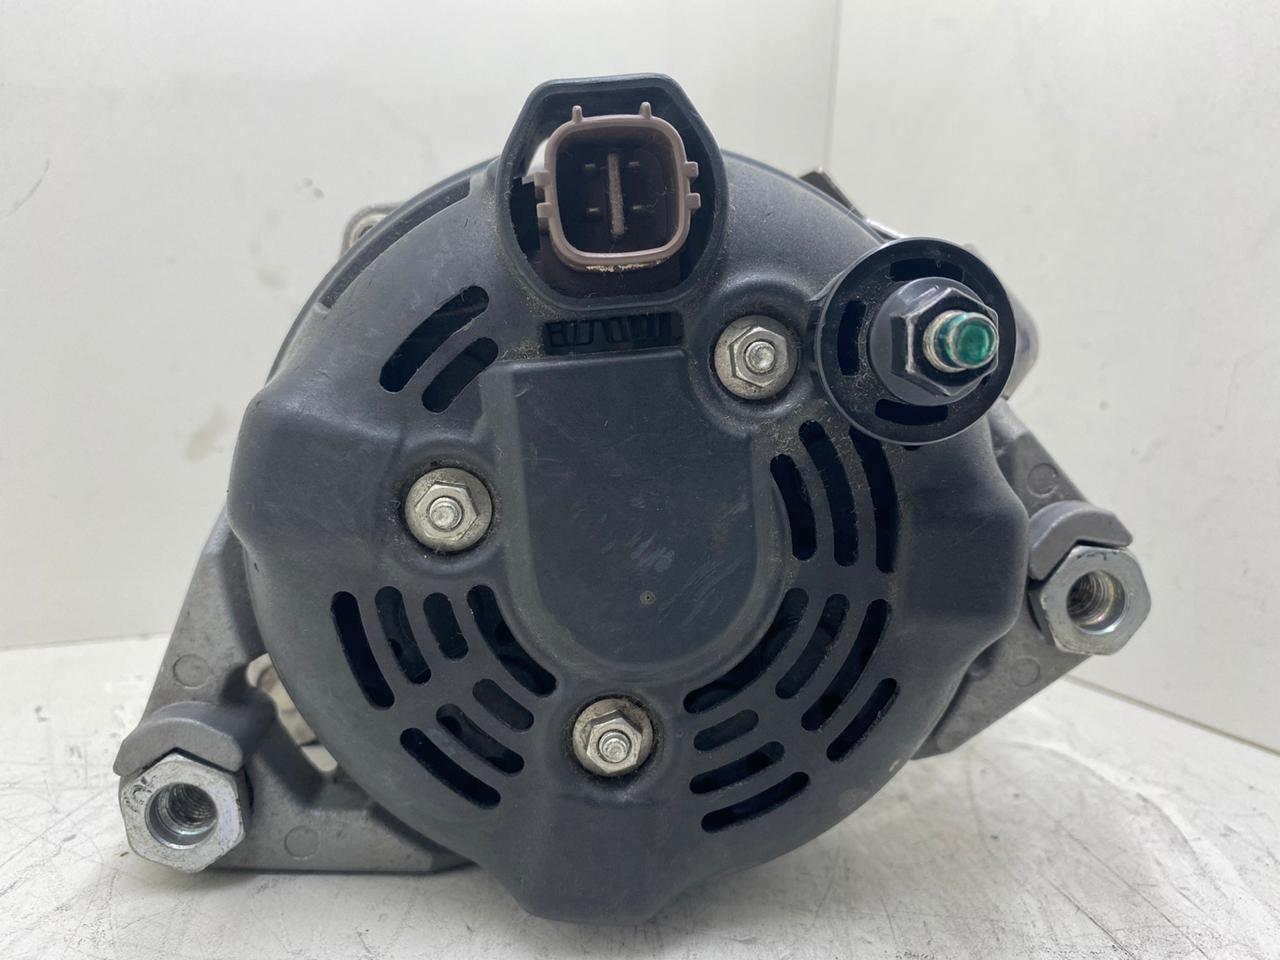 Alternador Hyundai Santa Fé 3.5 V6 2010 2011 2012 DENSO Original 37300 3 C 5 1 0 104210 2 8 7 0 373003C510 1042102870